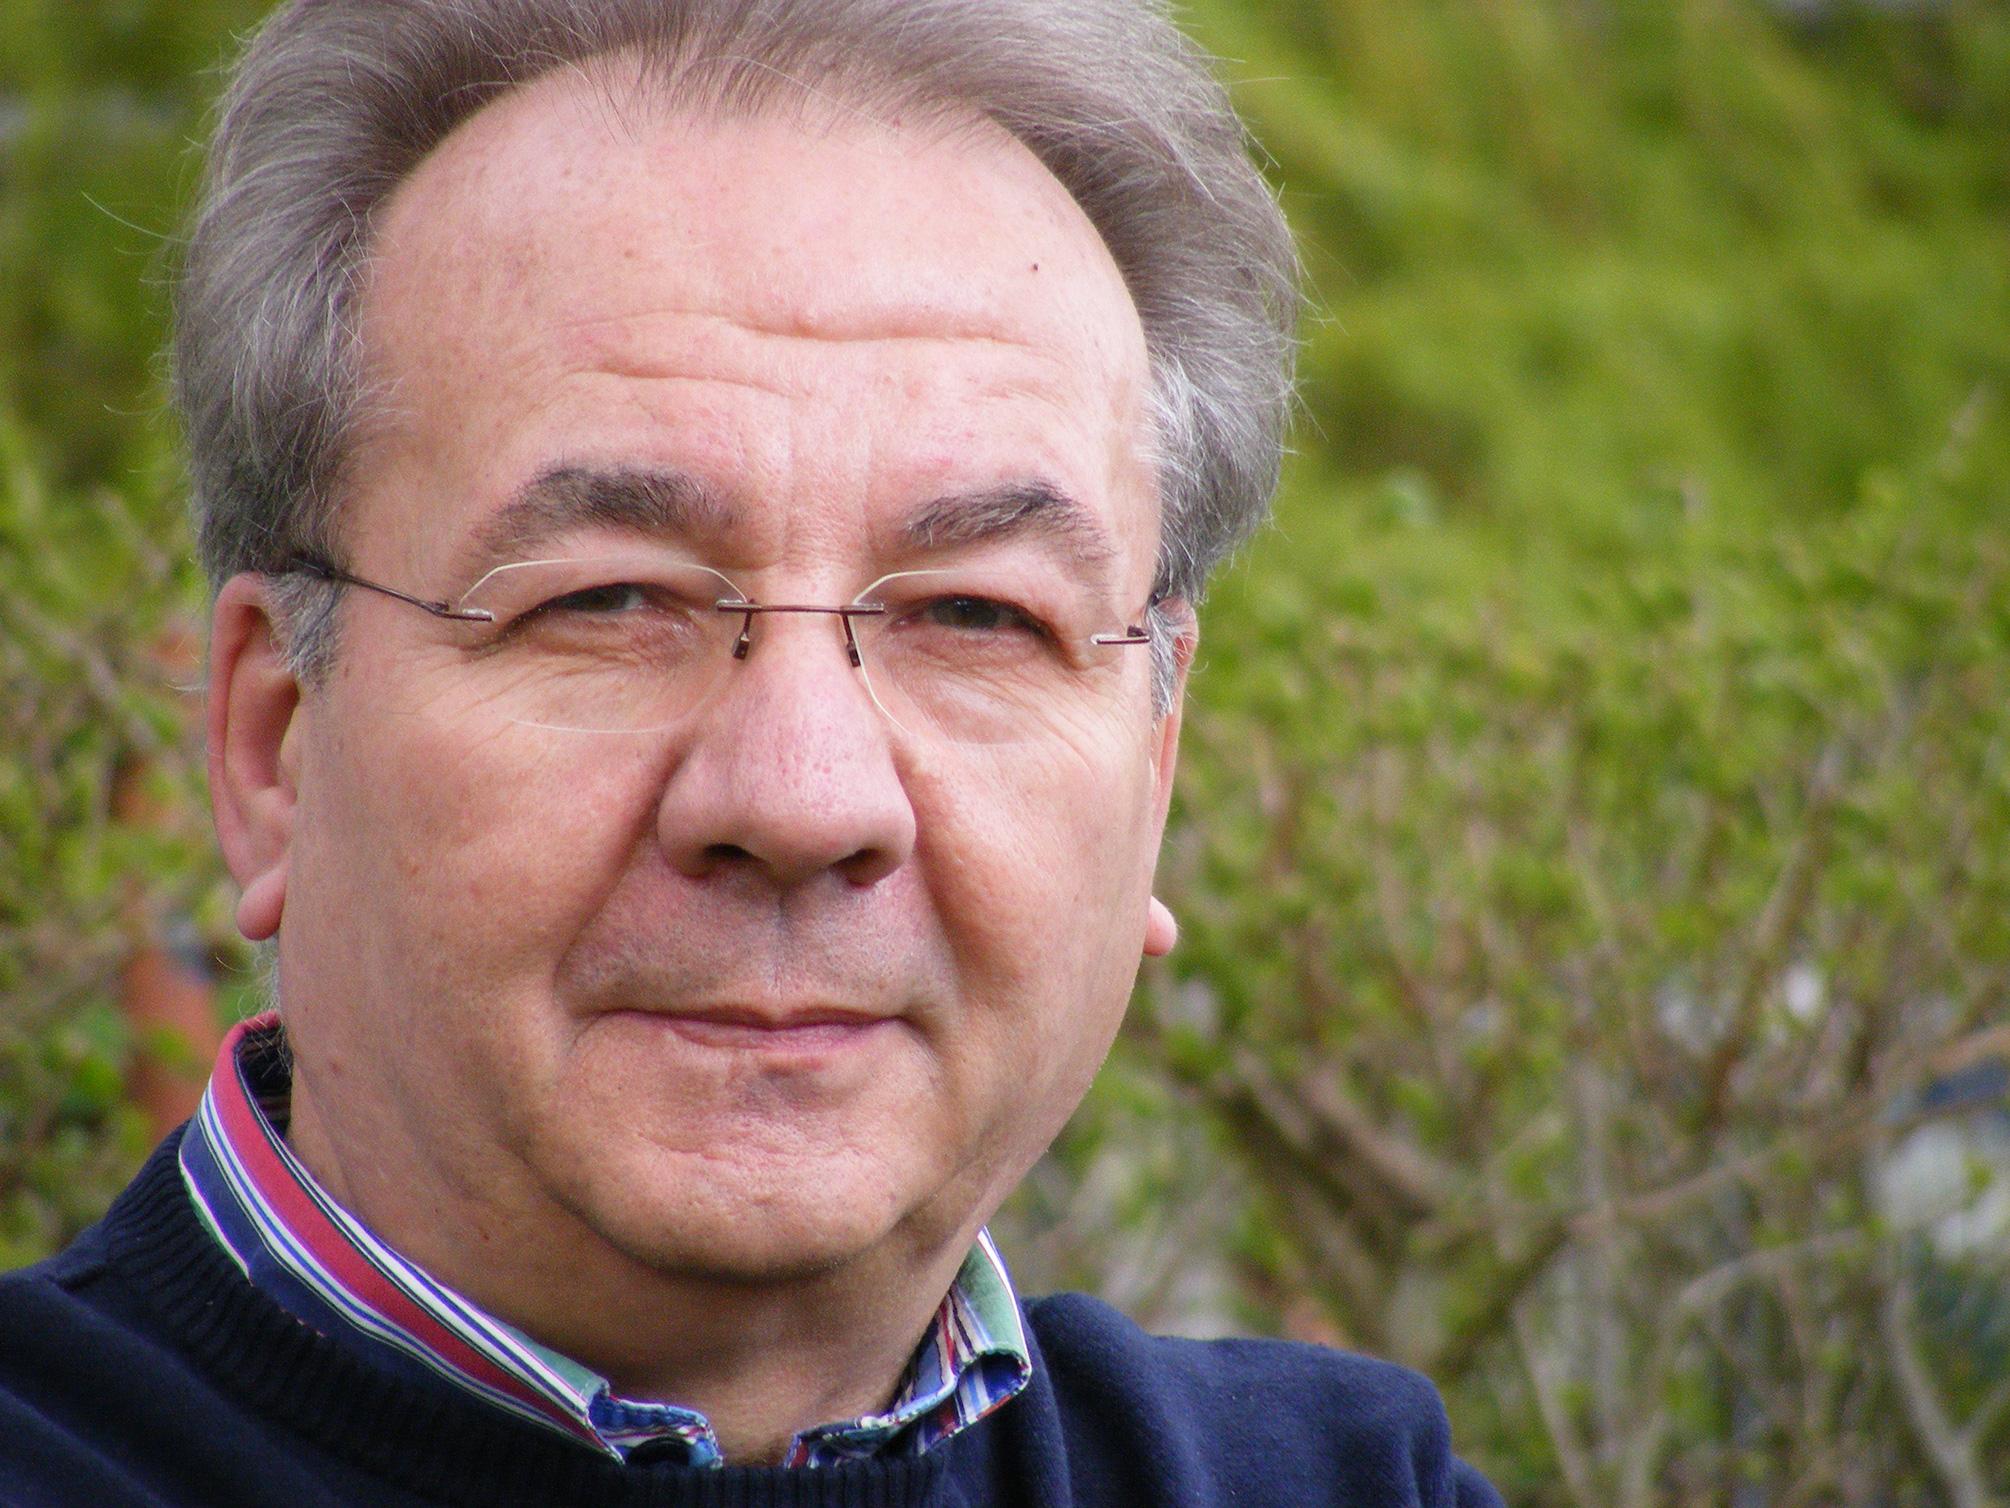 Werner Borcharding